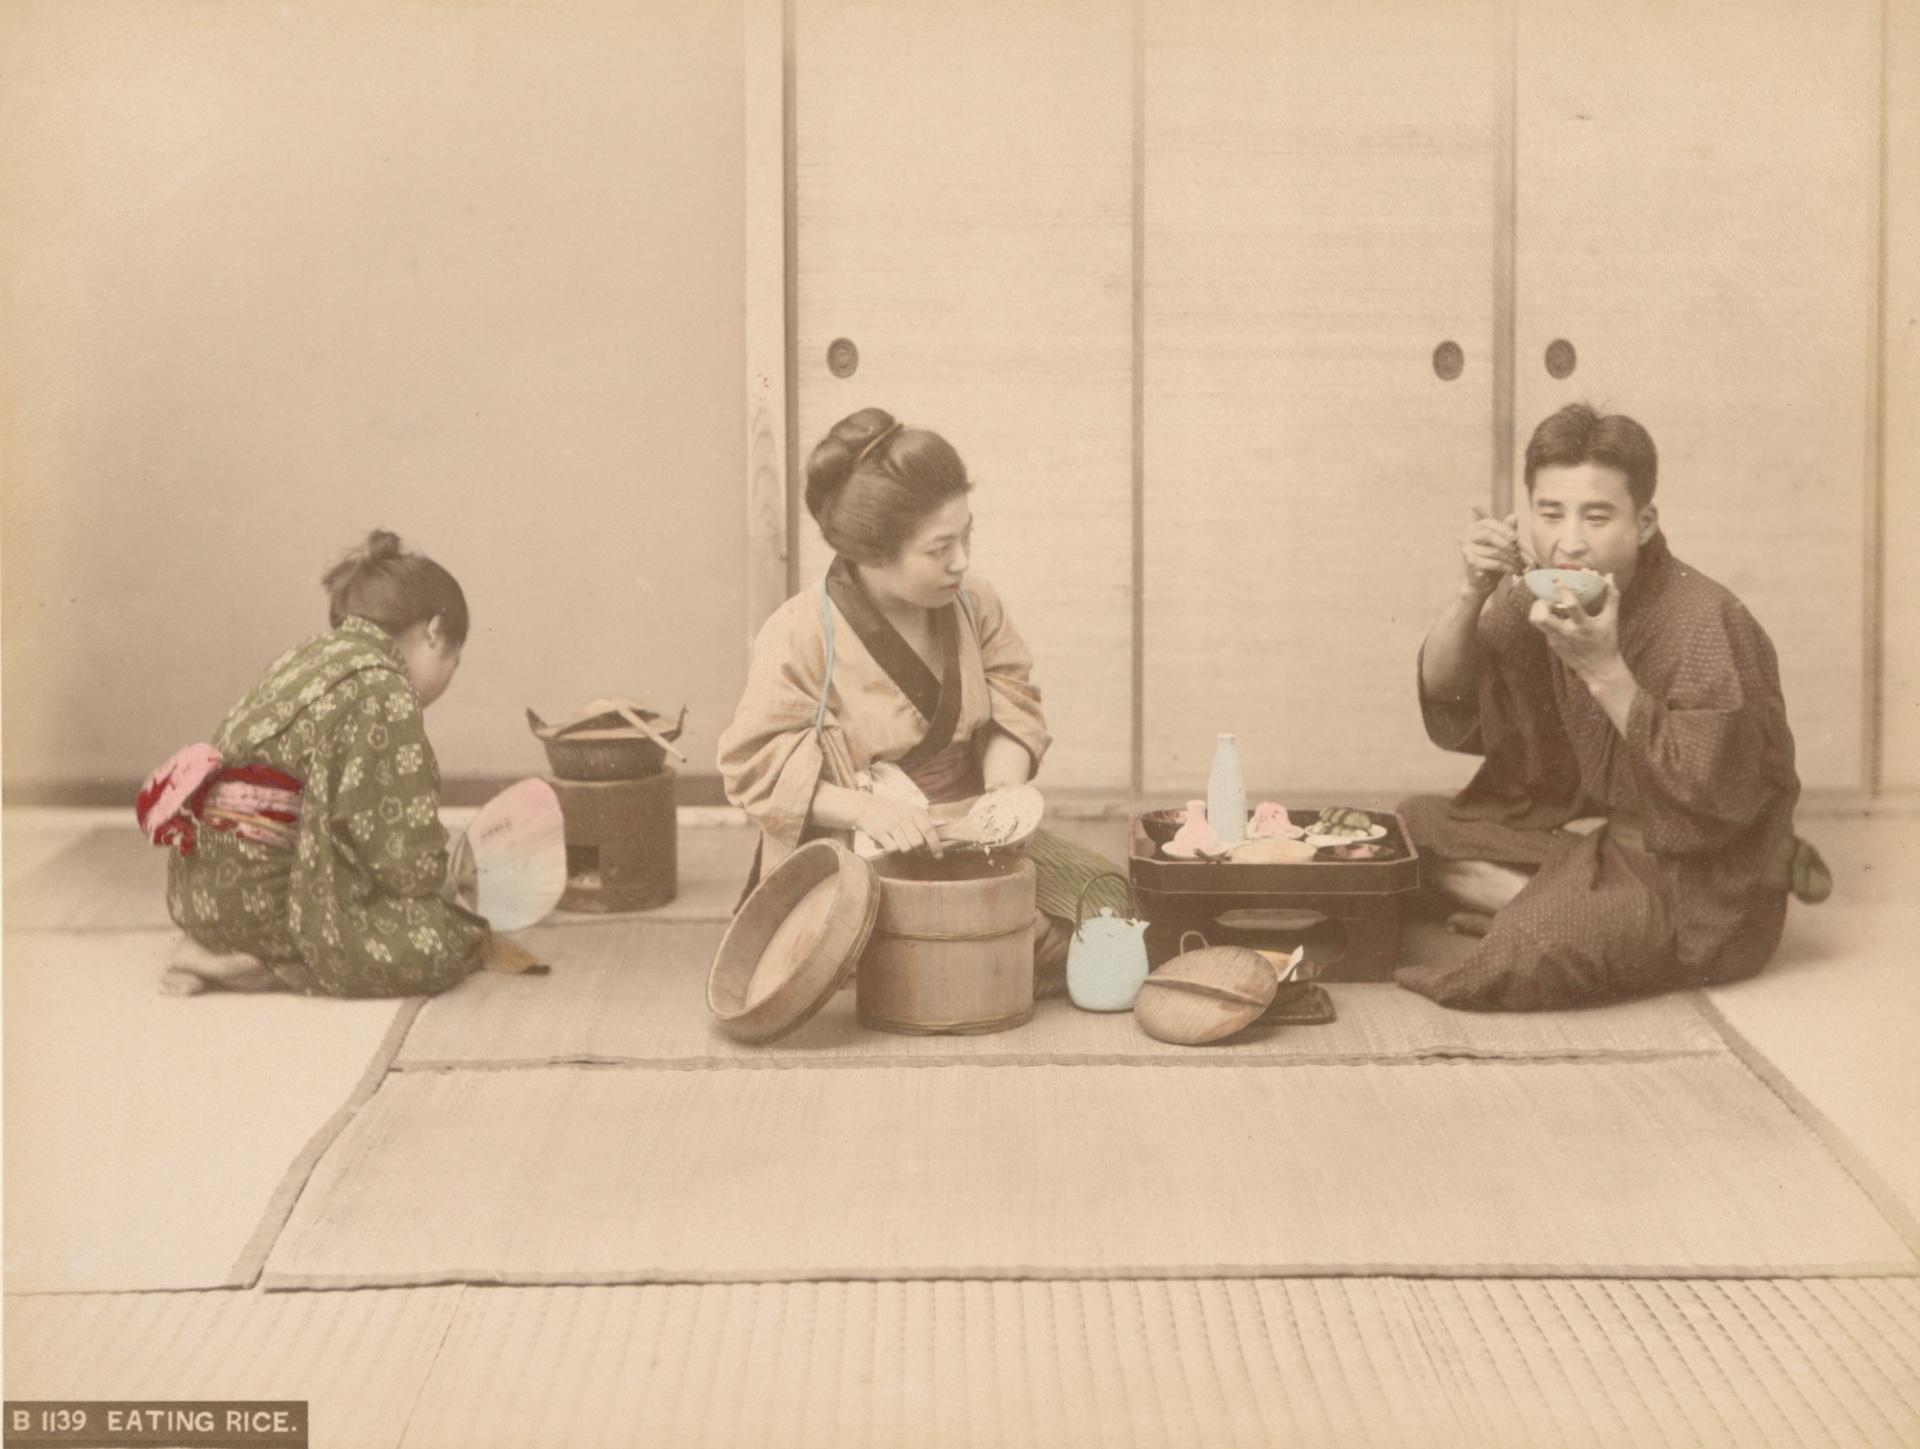 (裁剪) 佚名,《用膳》,1890-1899年。蛋白相紙手工上色。(紐約公共圖書館藏)The Miriam and Ira D. Wallach Division of Art, Prints and Photographs Photography Collection, The New York Public Library. (1890-1899). Eating Rice.